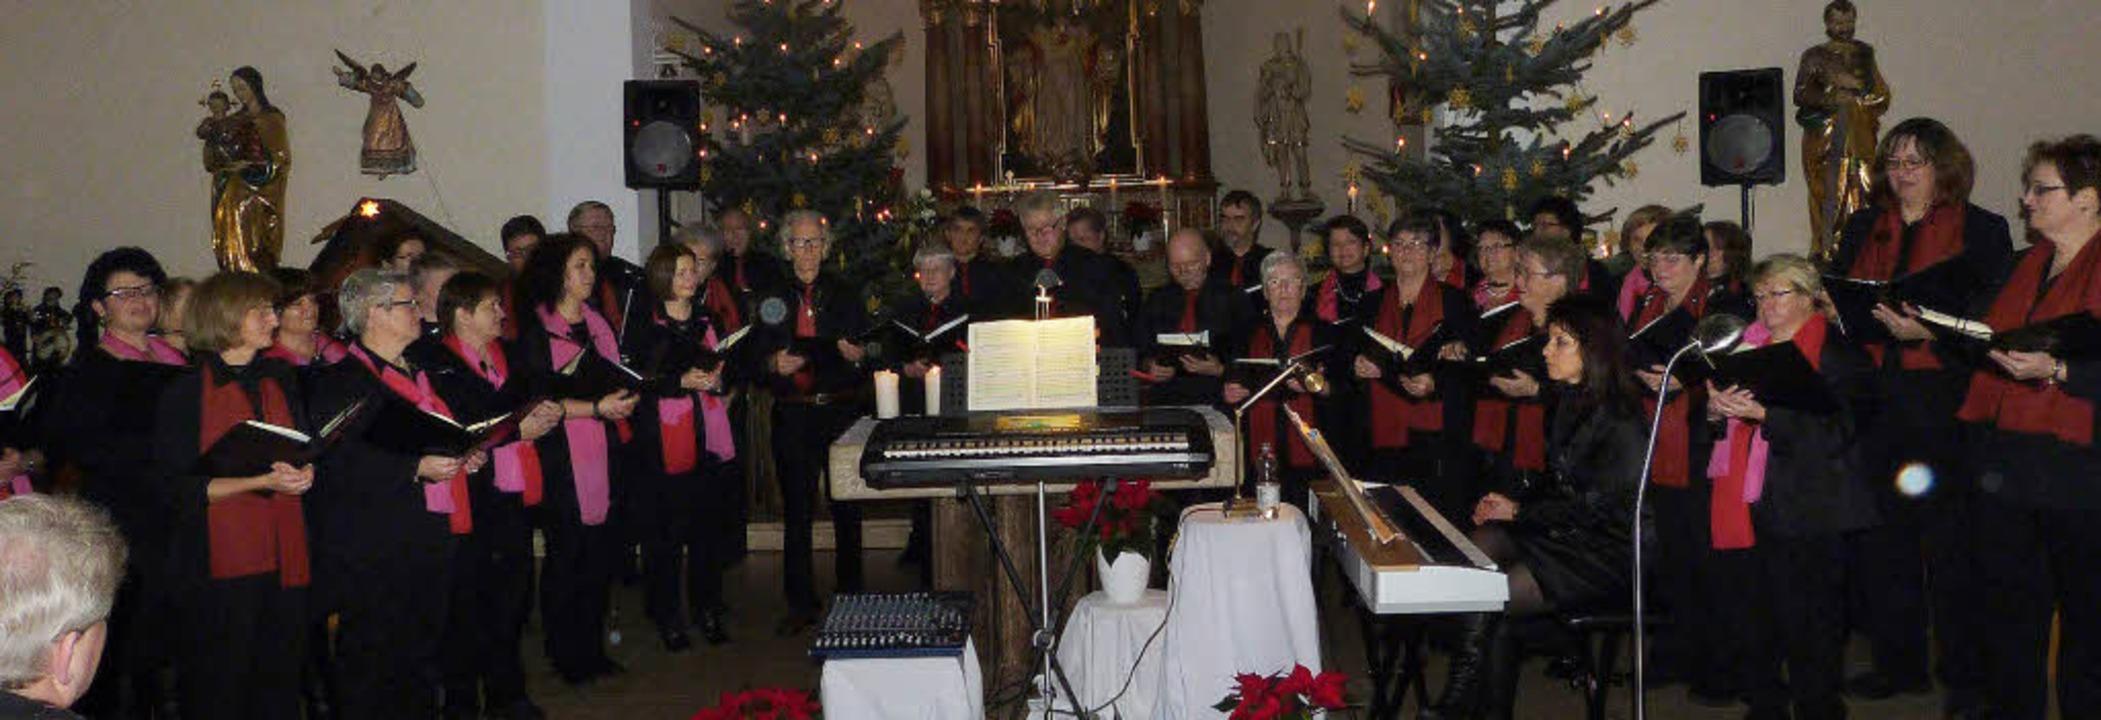 Die Kirchenchöre Strittmatt und Herris...che  die Krönungsmesse von Mozart auf.    Foto: Sigrid Schneider